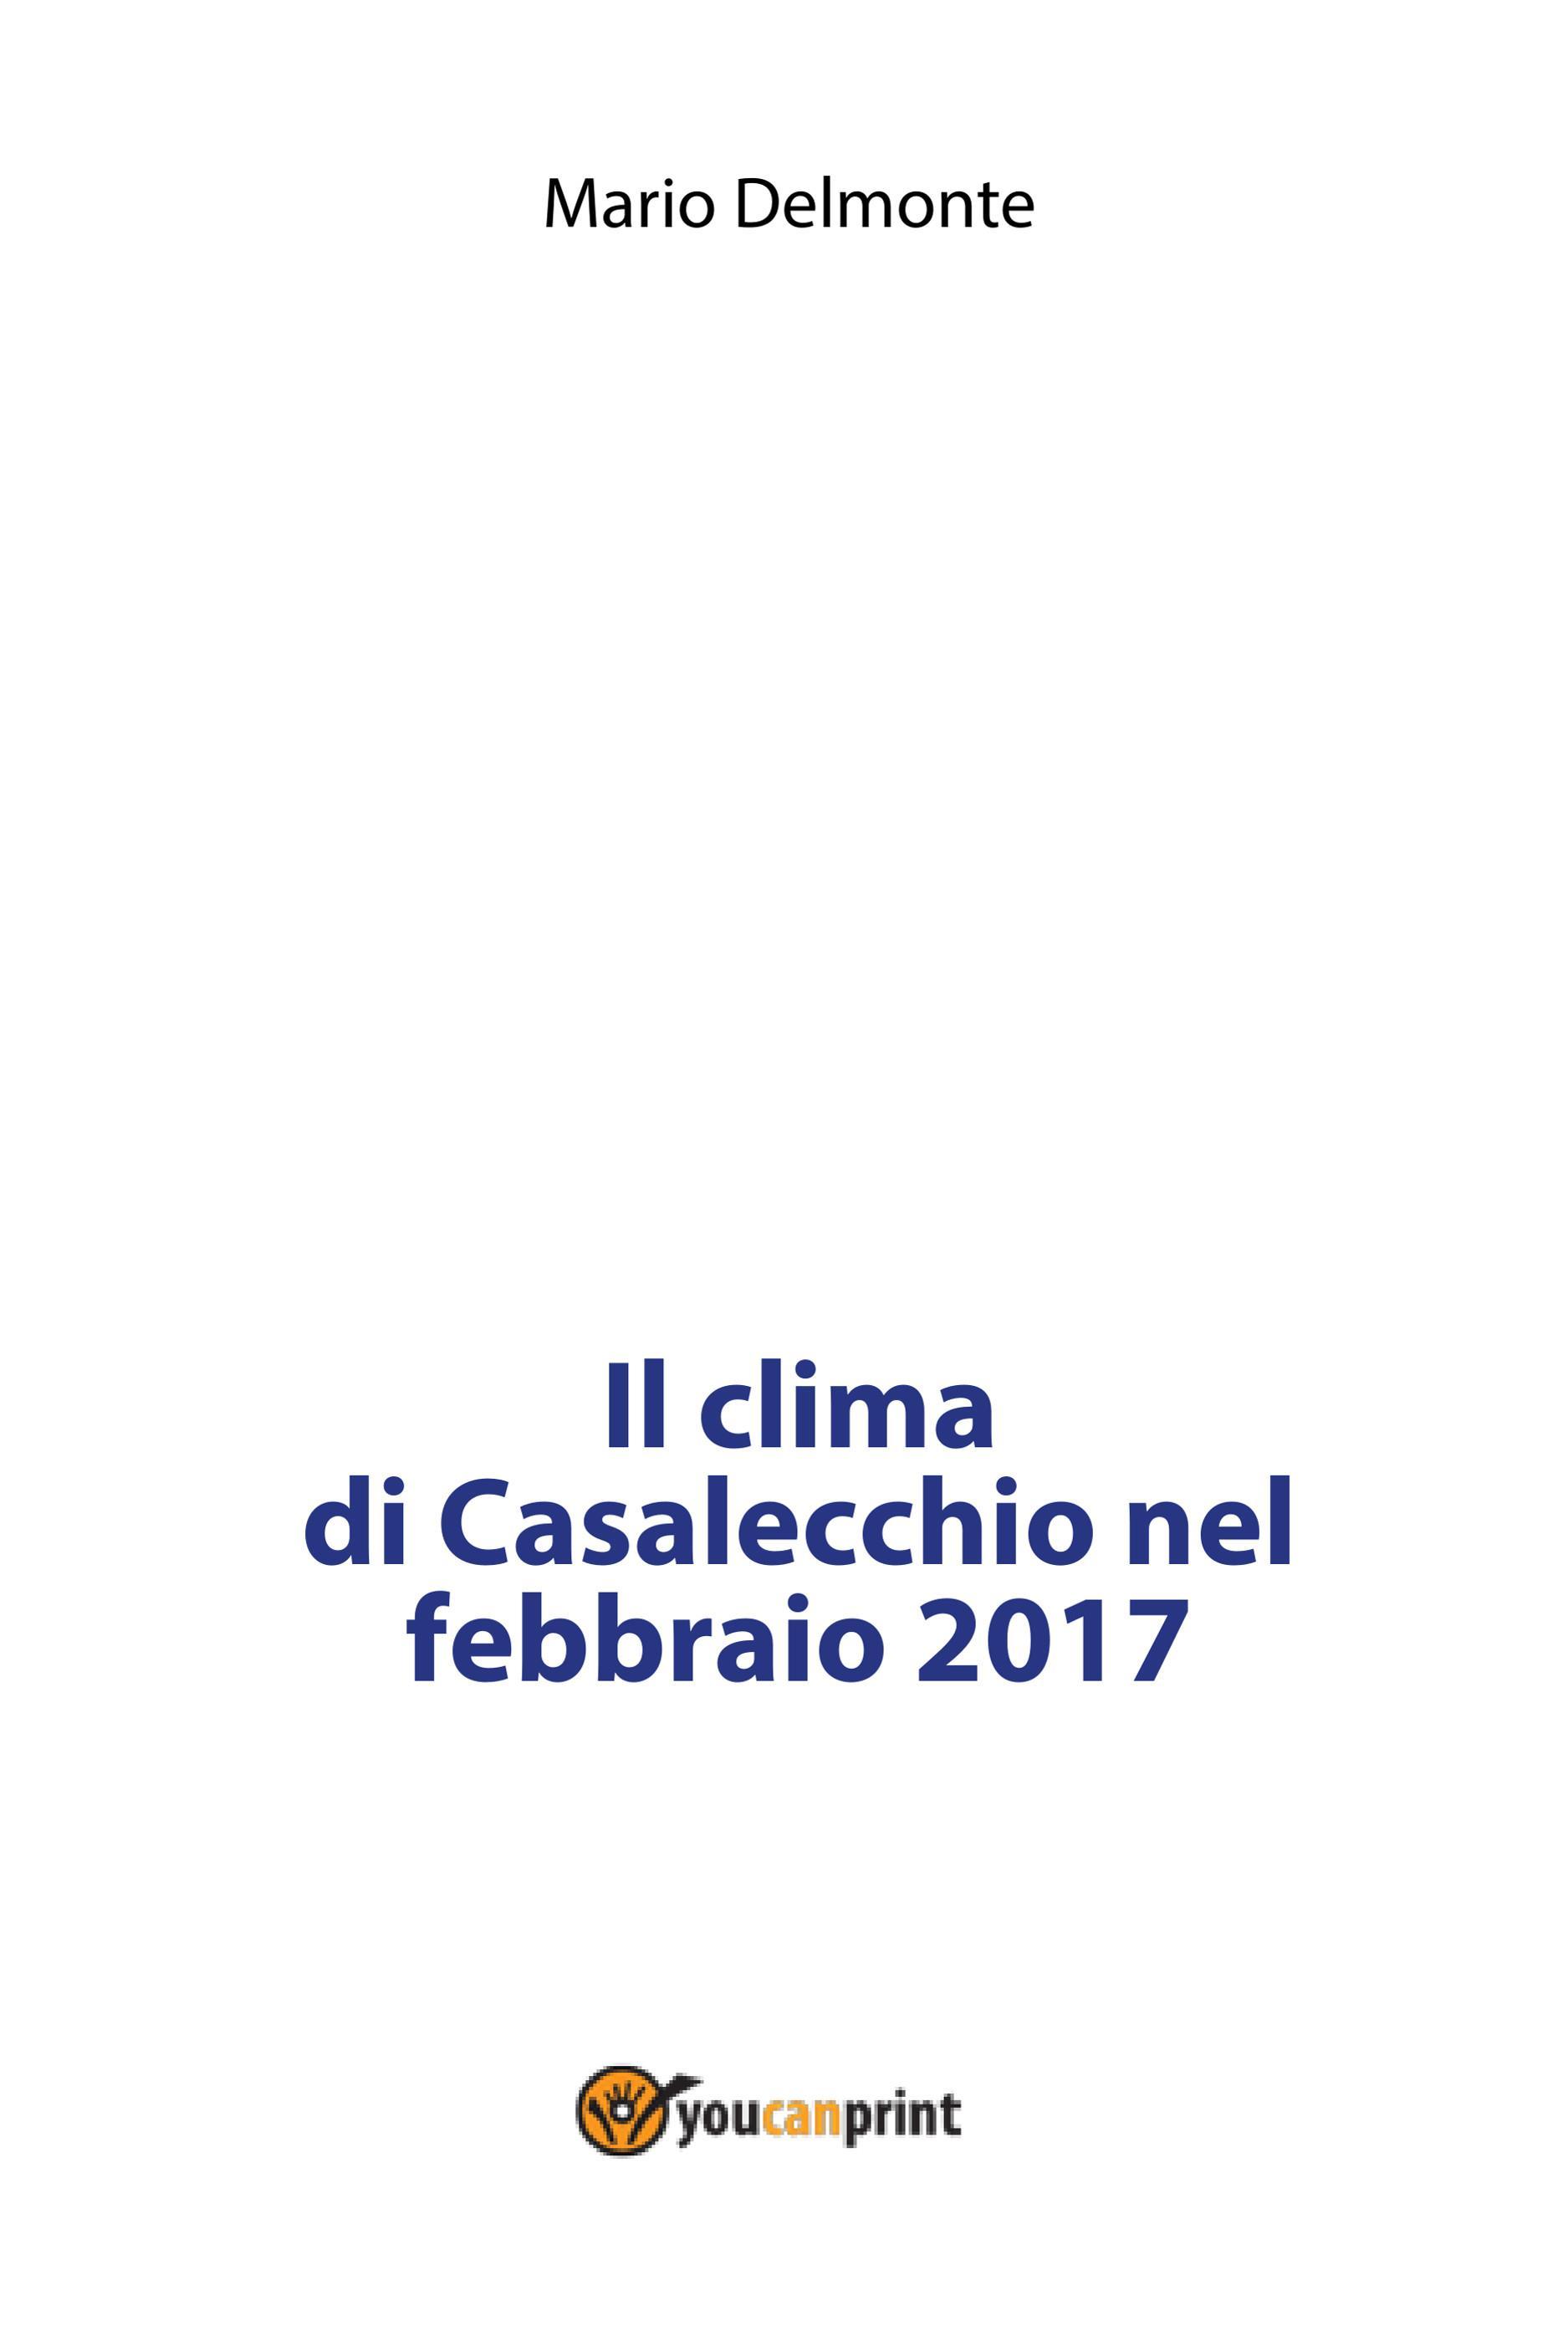 Il clima di Casalecchio nel febbraio 2017